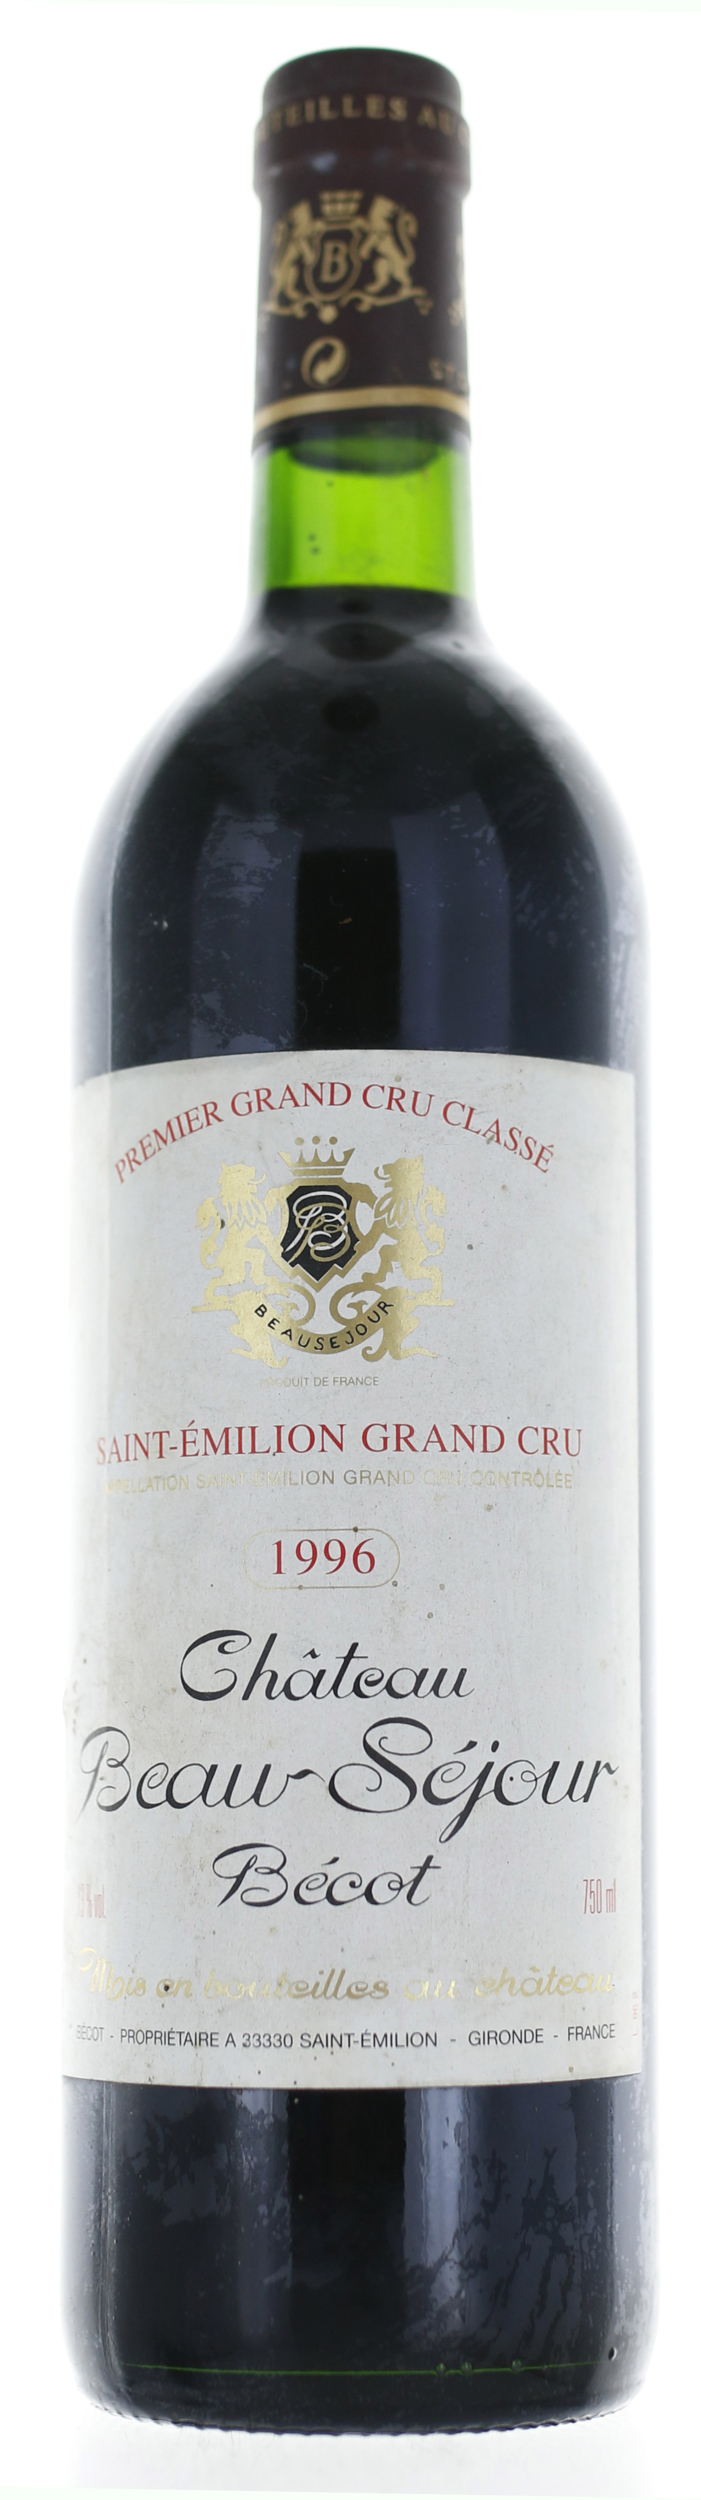 Saint Emilion - Château Beau Séjour Bécot - 1996